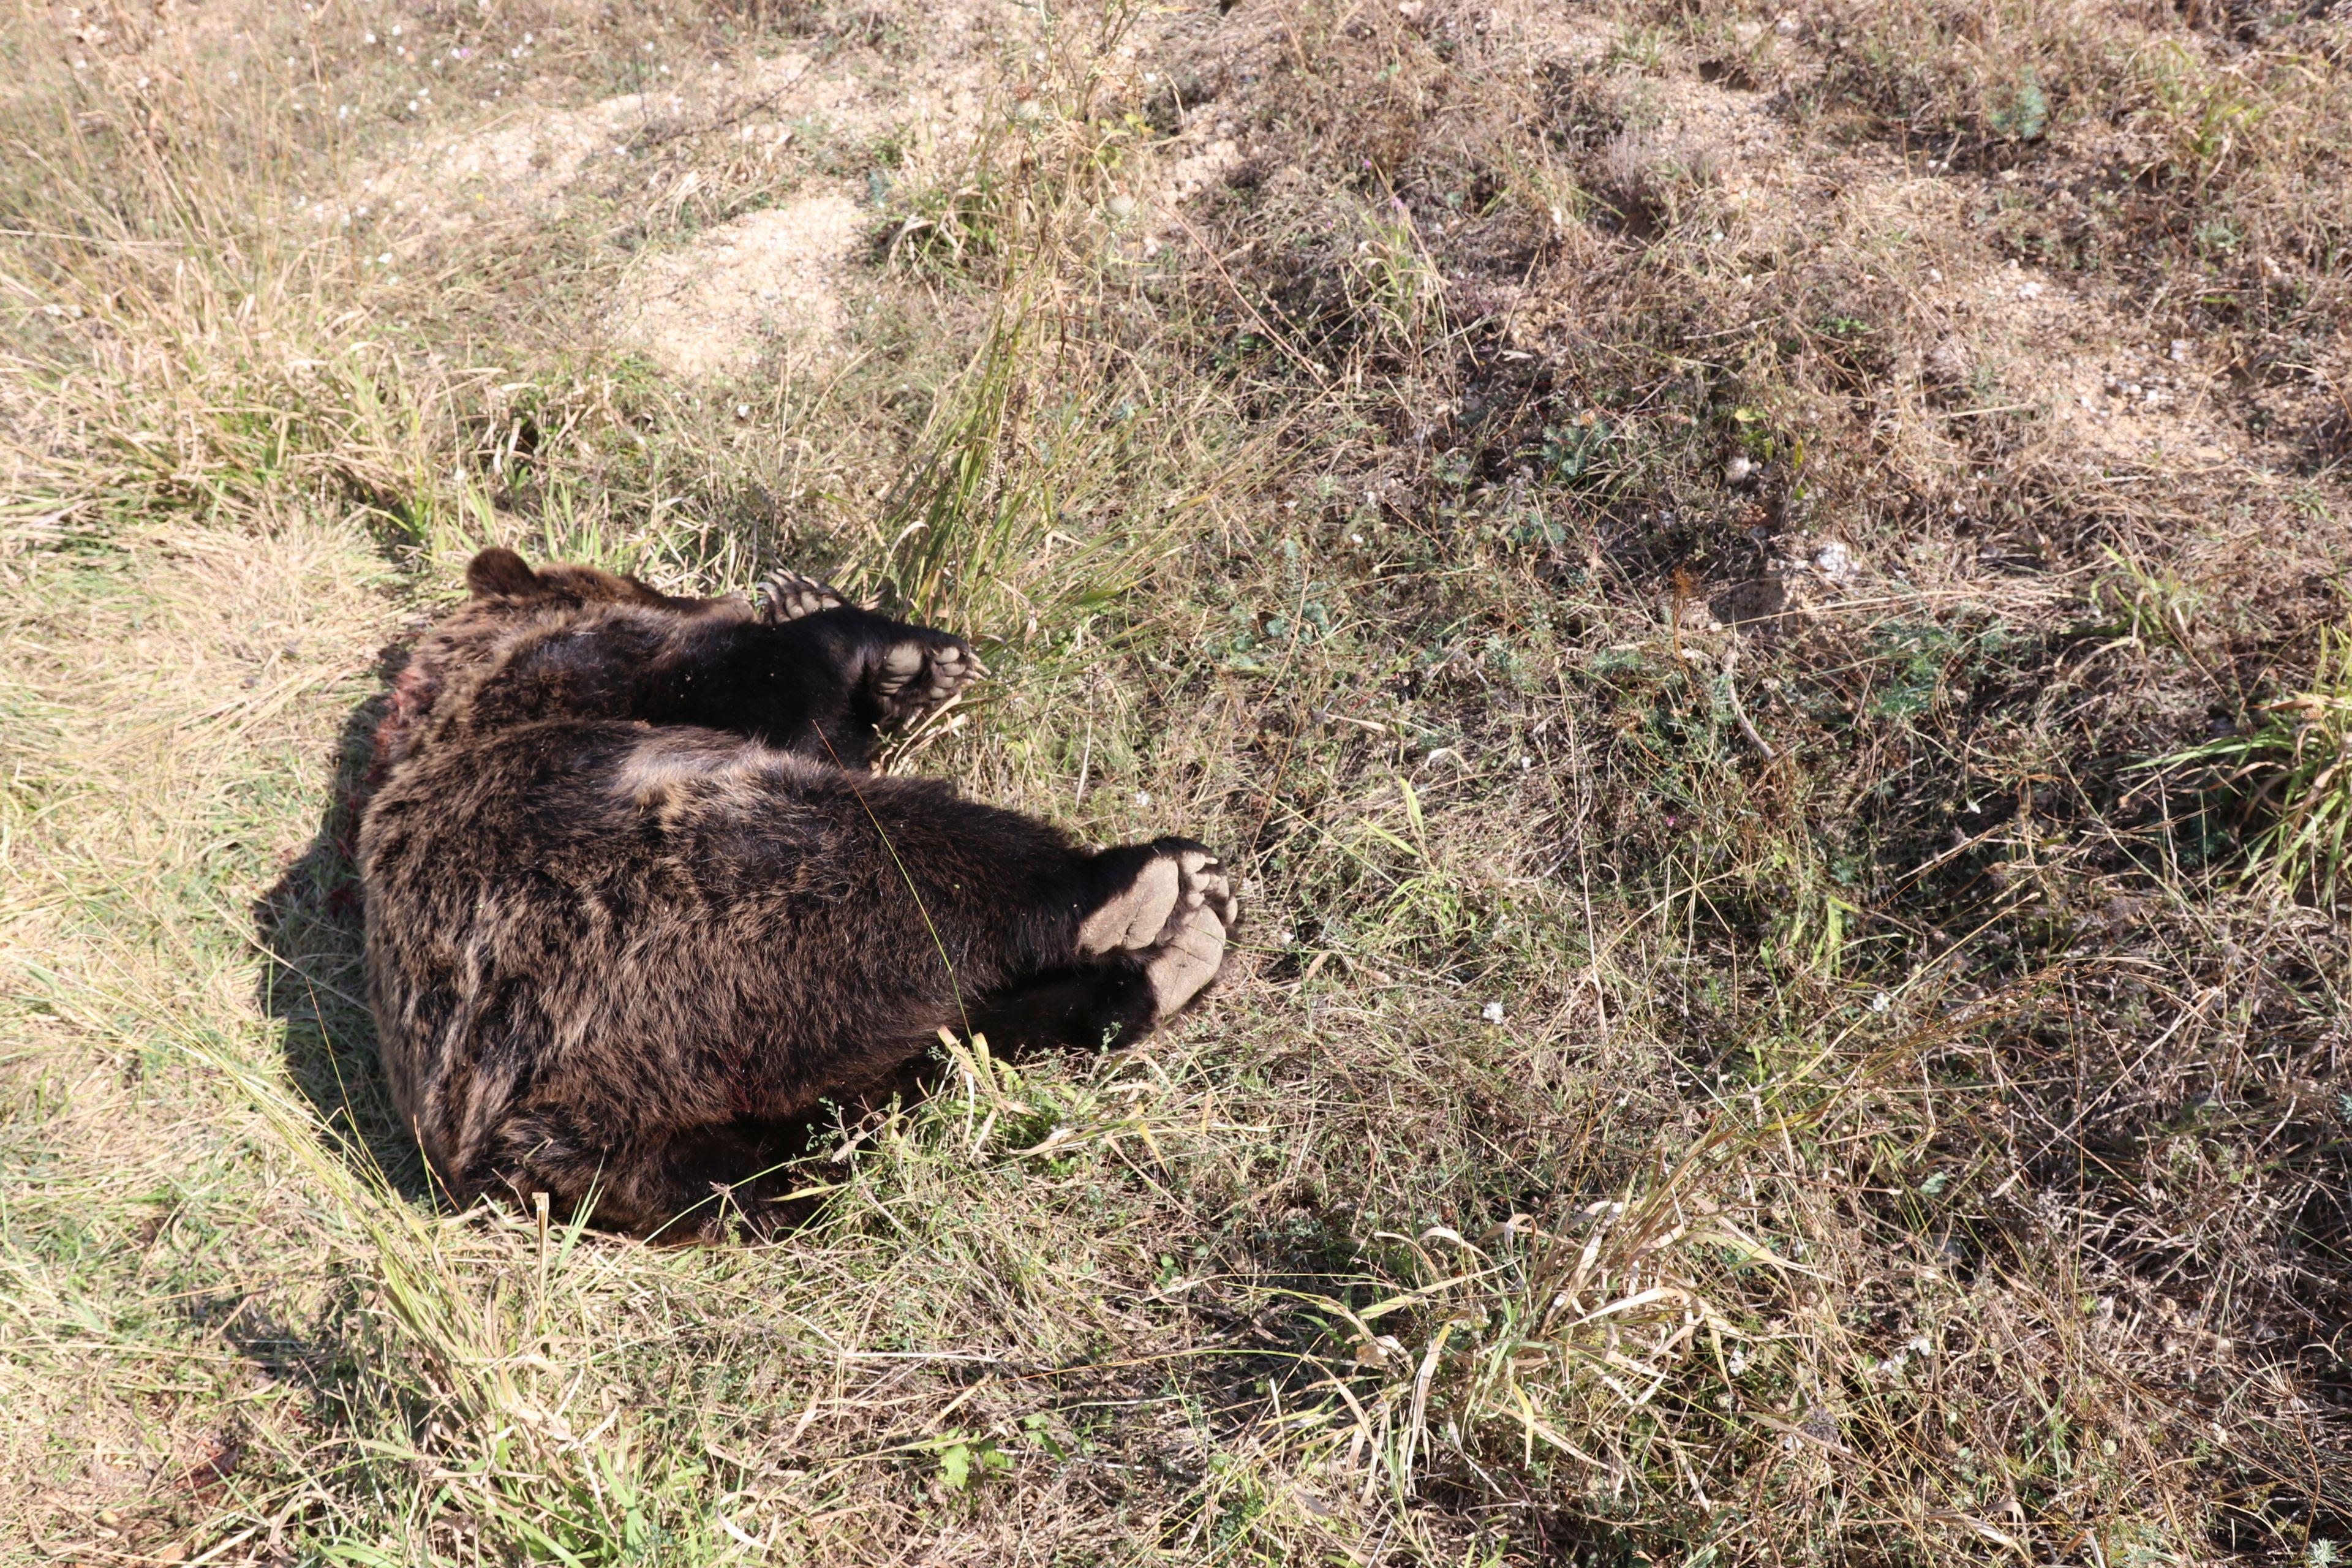 Φλώρινα: Νεκρή αρκούδα από πυροβολισμό στην Πρέσπα